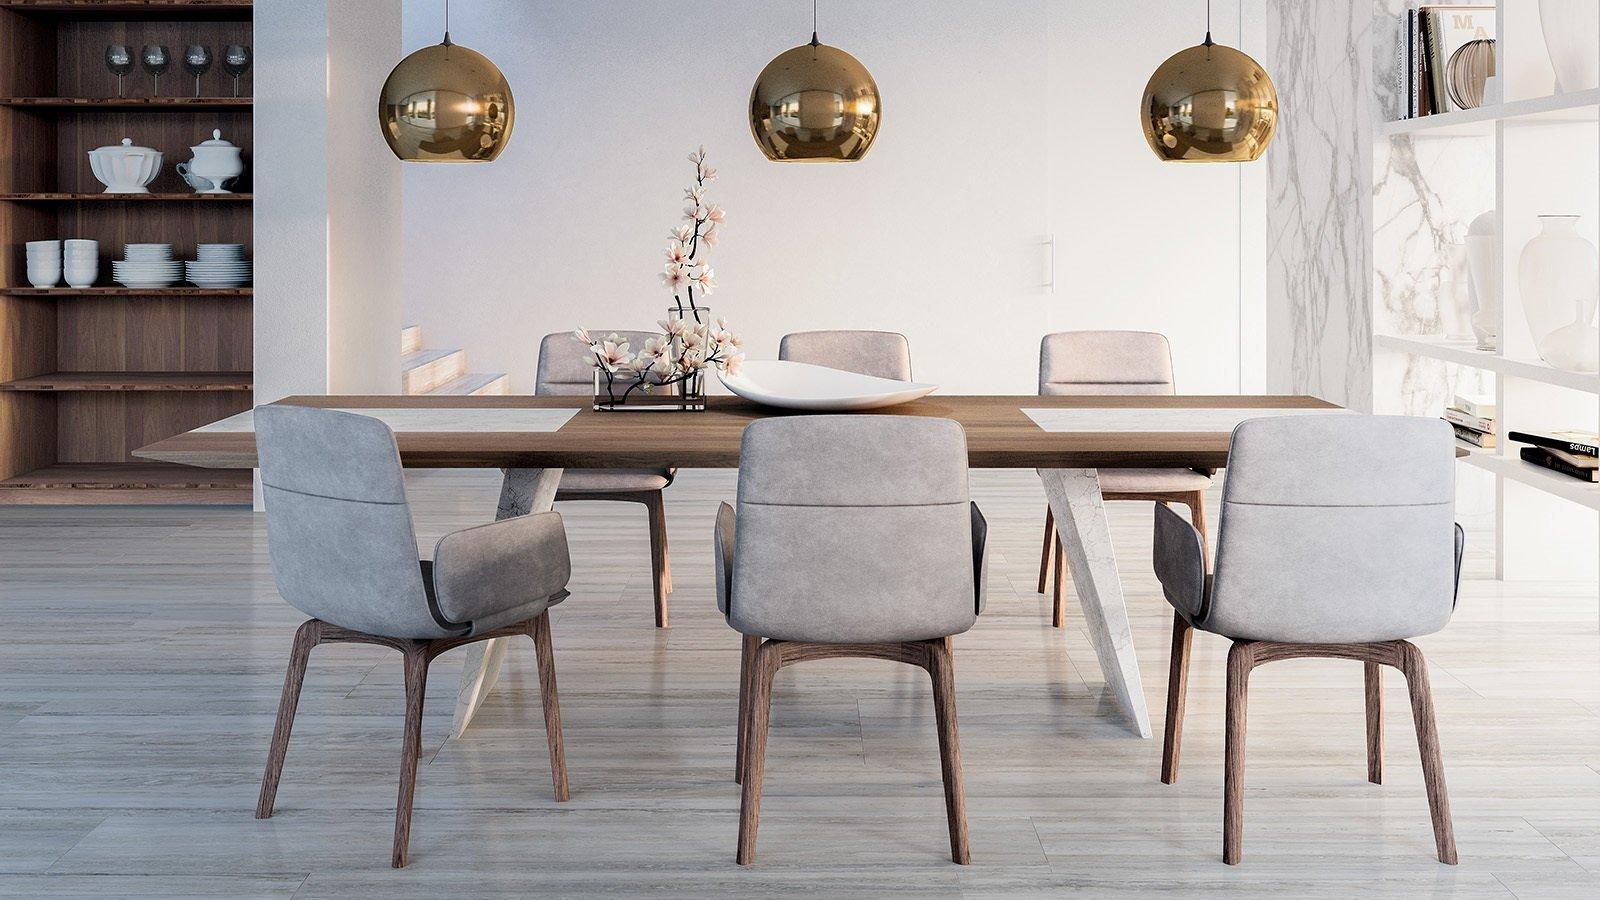 un tavolo in legno con delle sedie e delle lampade a sospensione dorate